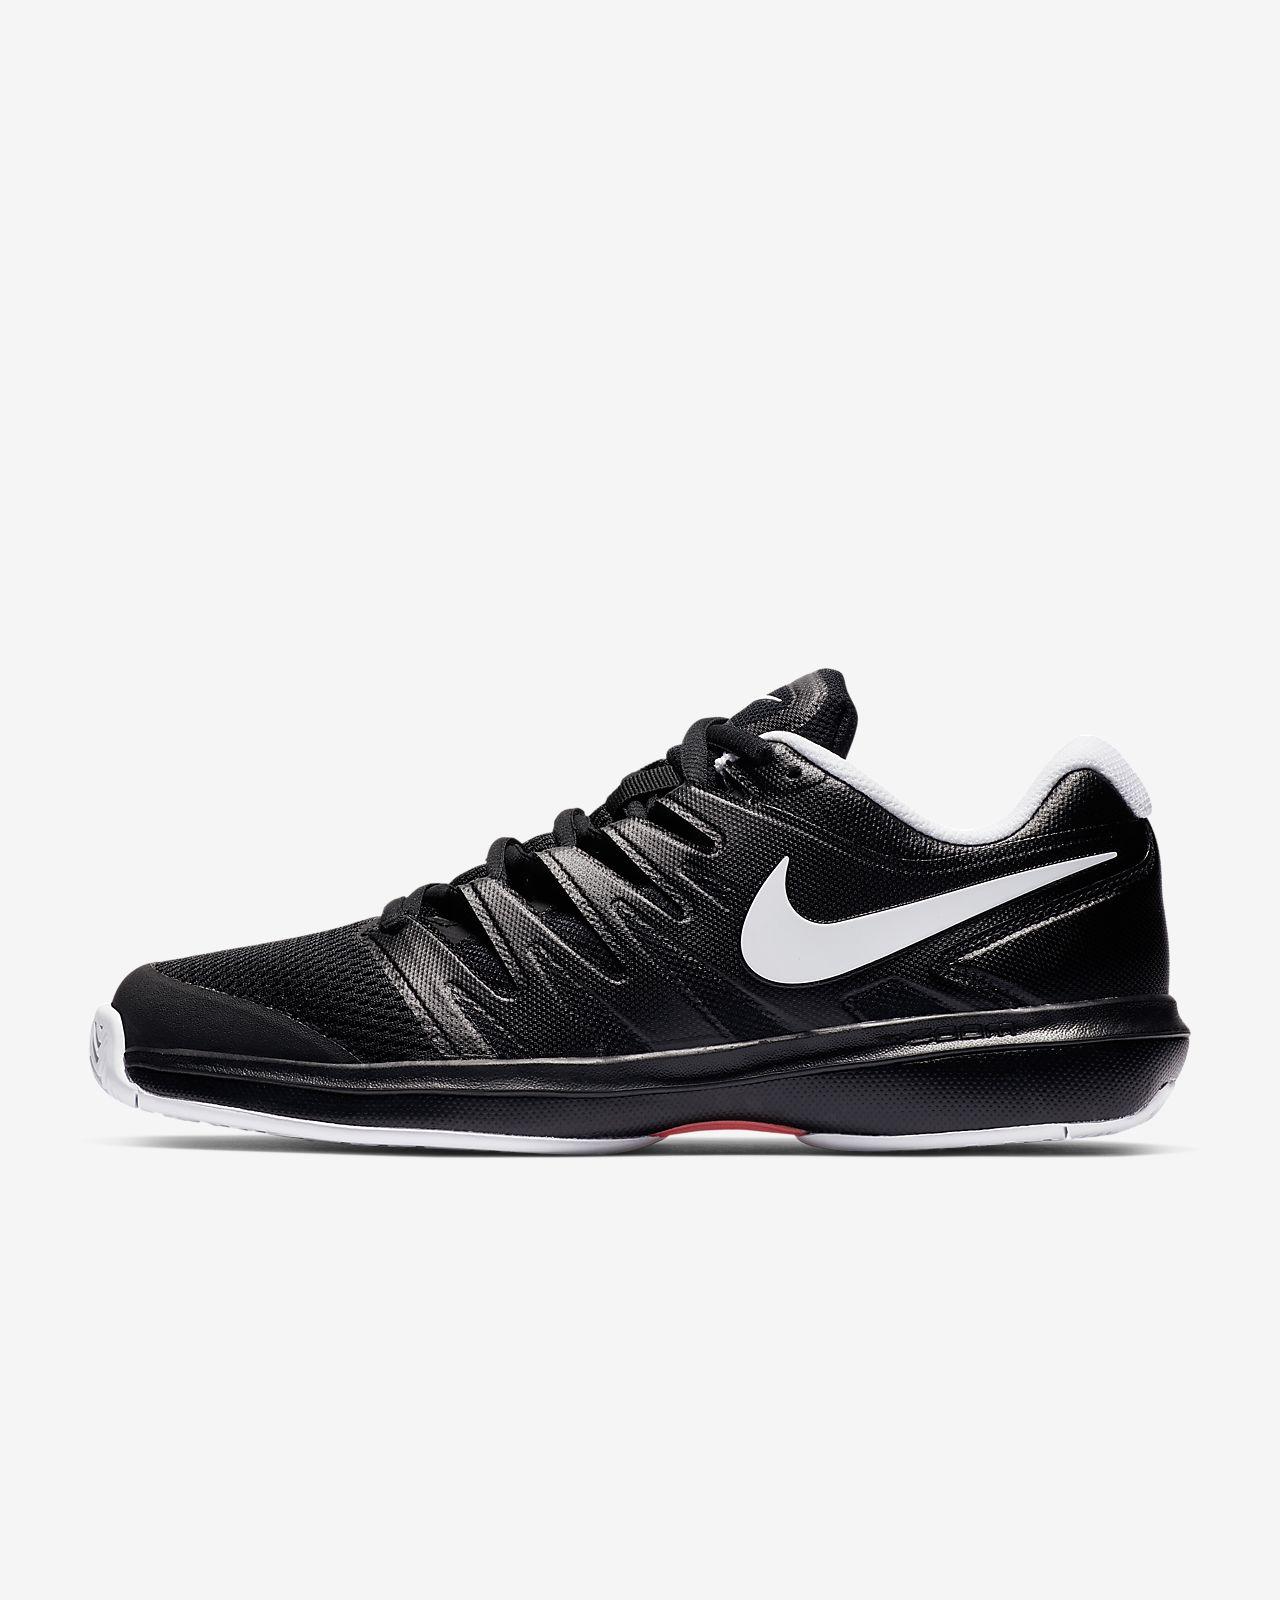 NikeCourt Air Zoom Prestige Zapatillas de tenis de pista rápida - Hombre